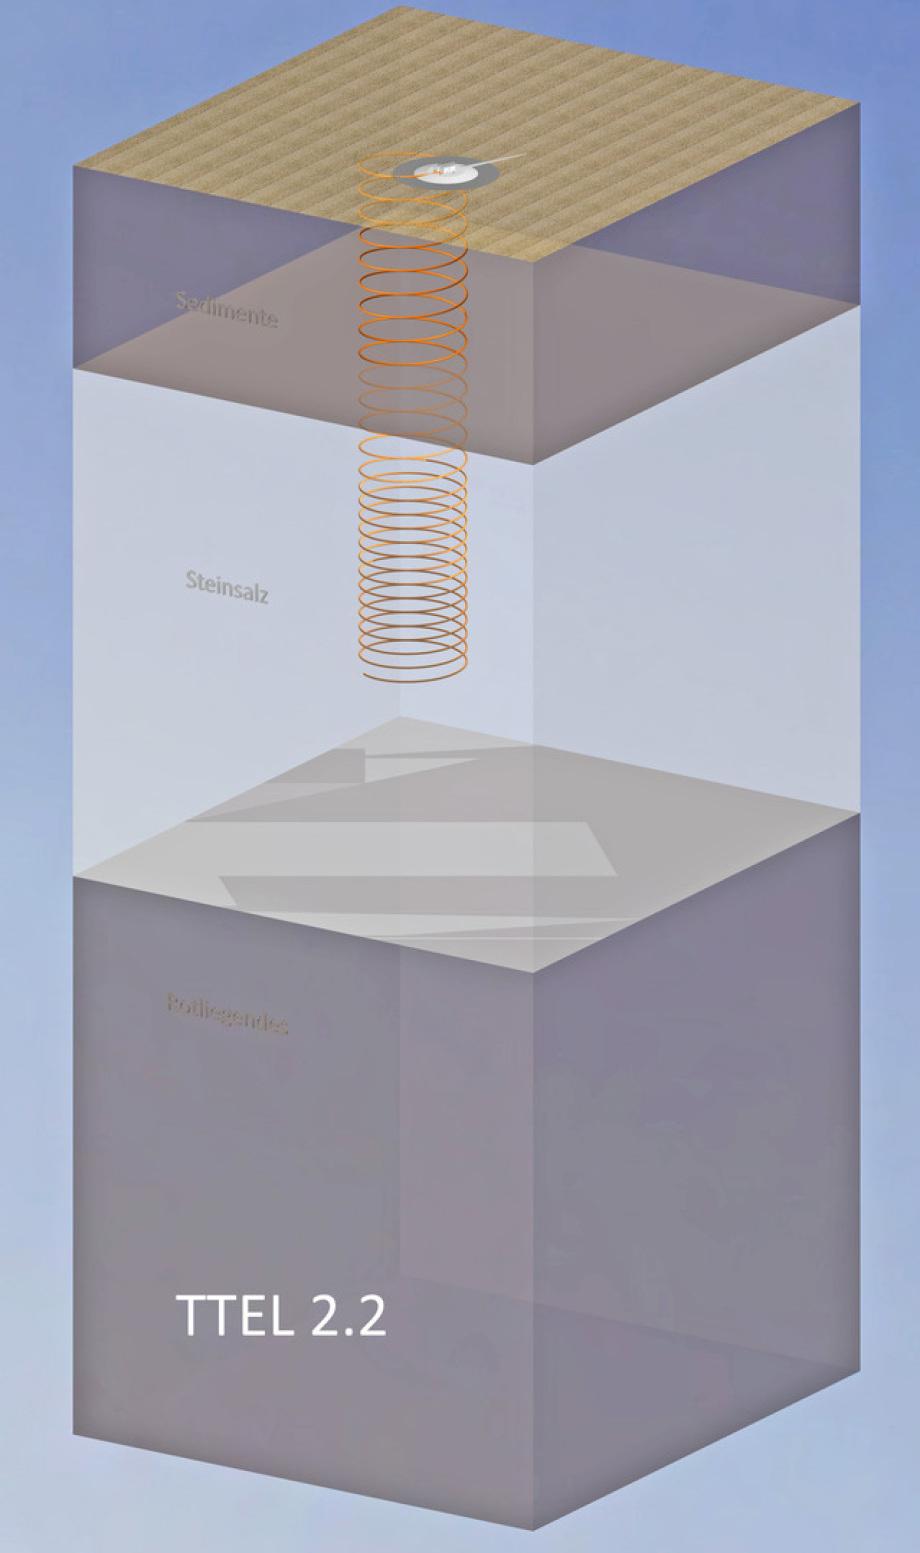 Isometrie TTEL 2.2 Endlager in tiefstem Tunnel aus Herrenknecht Technologie für Endlager Standort Moeckow